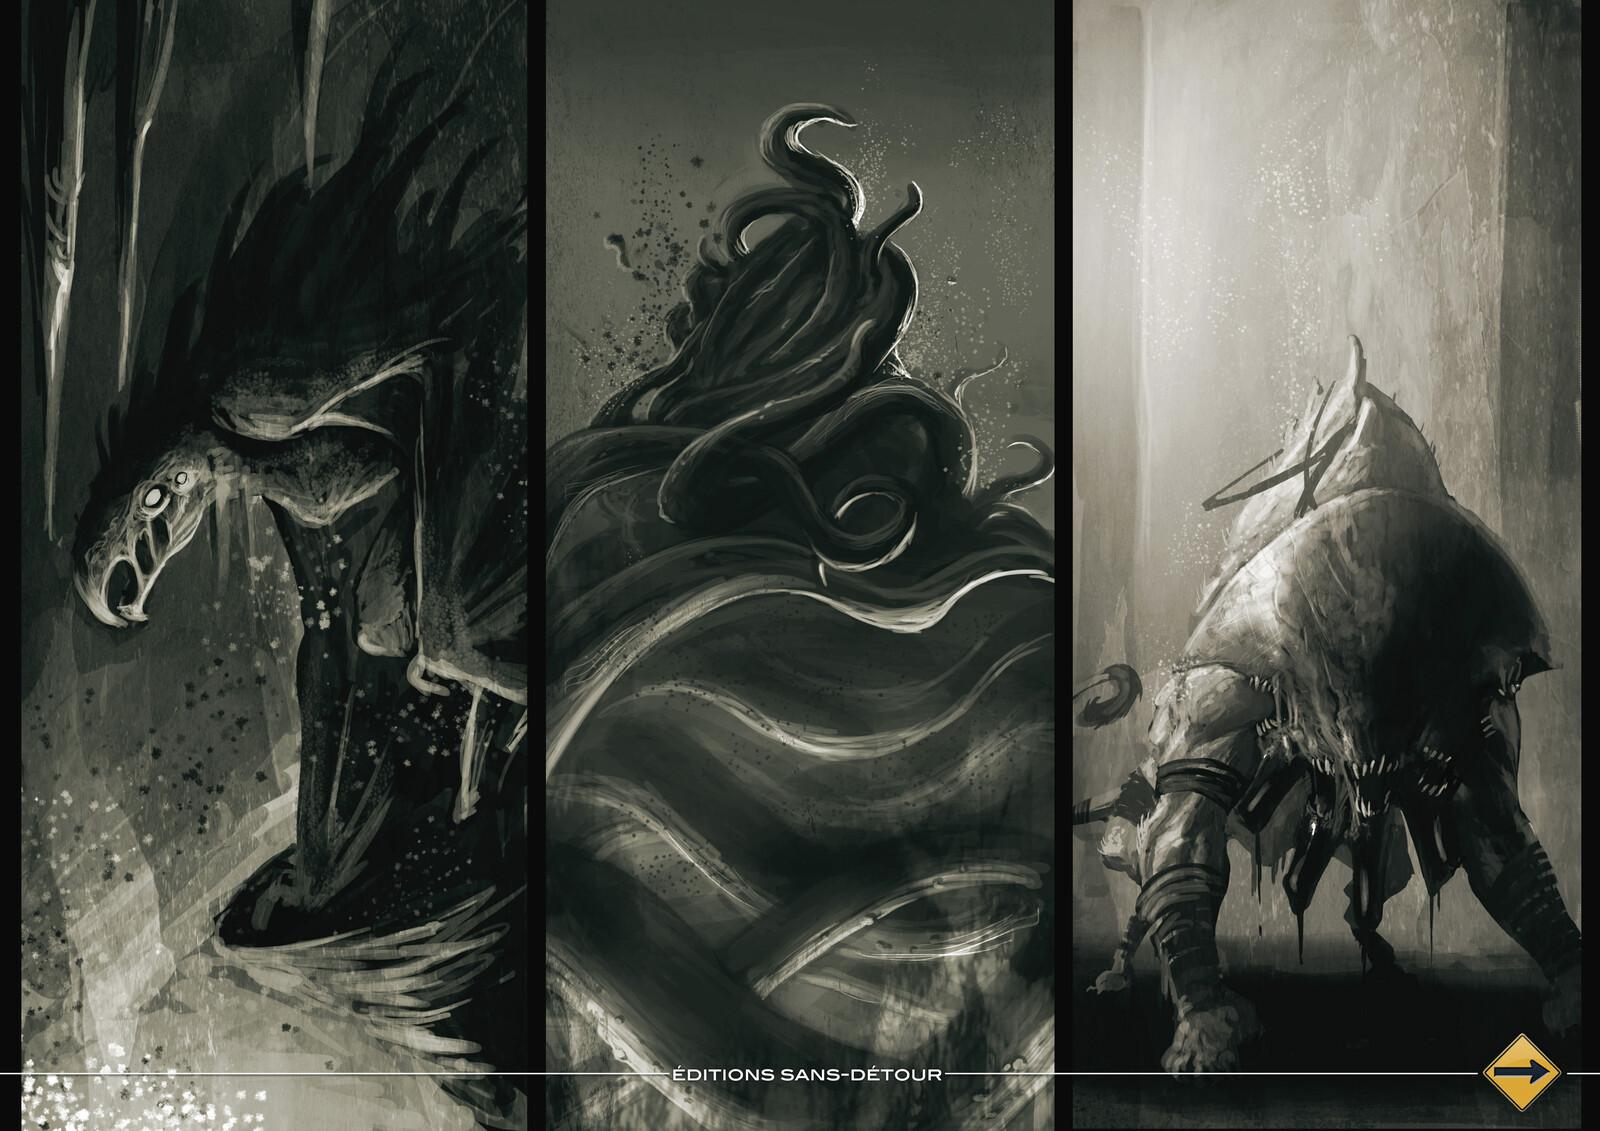 Byakhee,spawn of Nyarlathotep, black sphynx